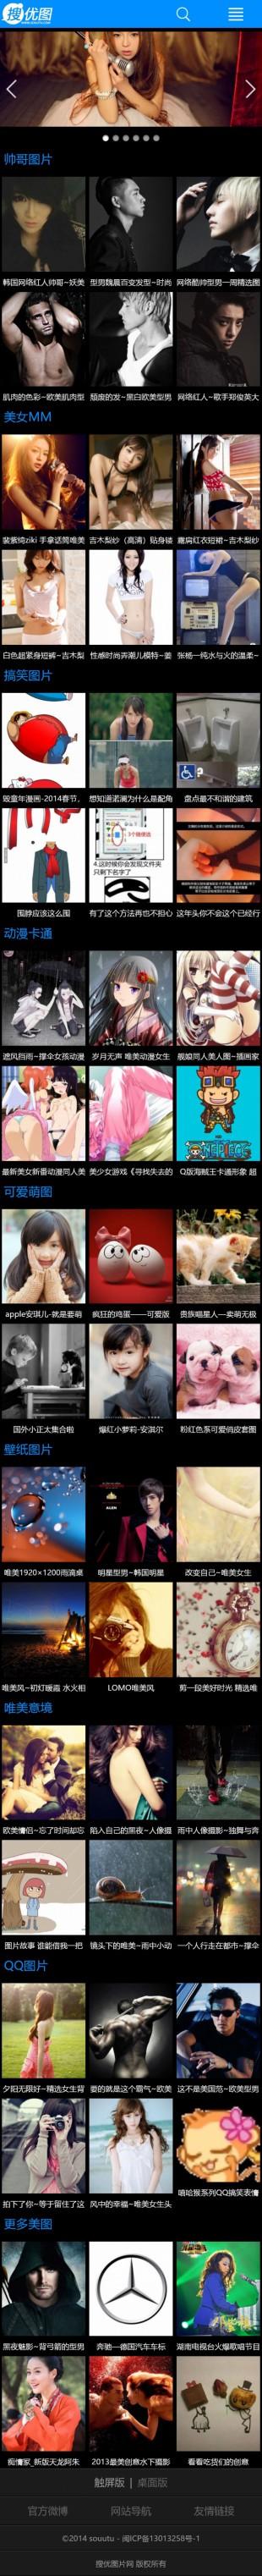 搜图片网手机图片中文网站模板制作手机图片